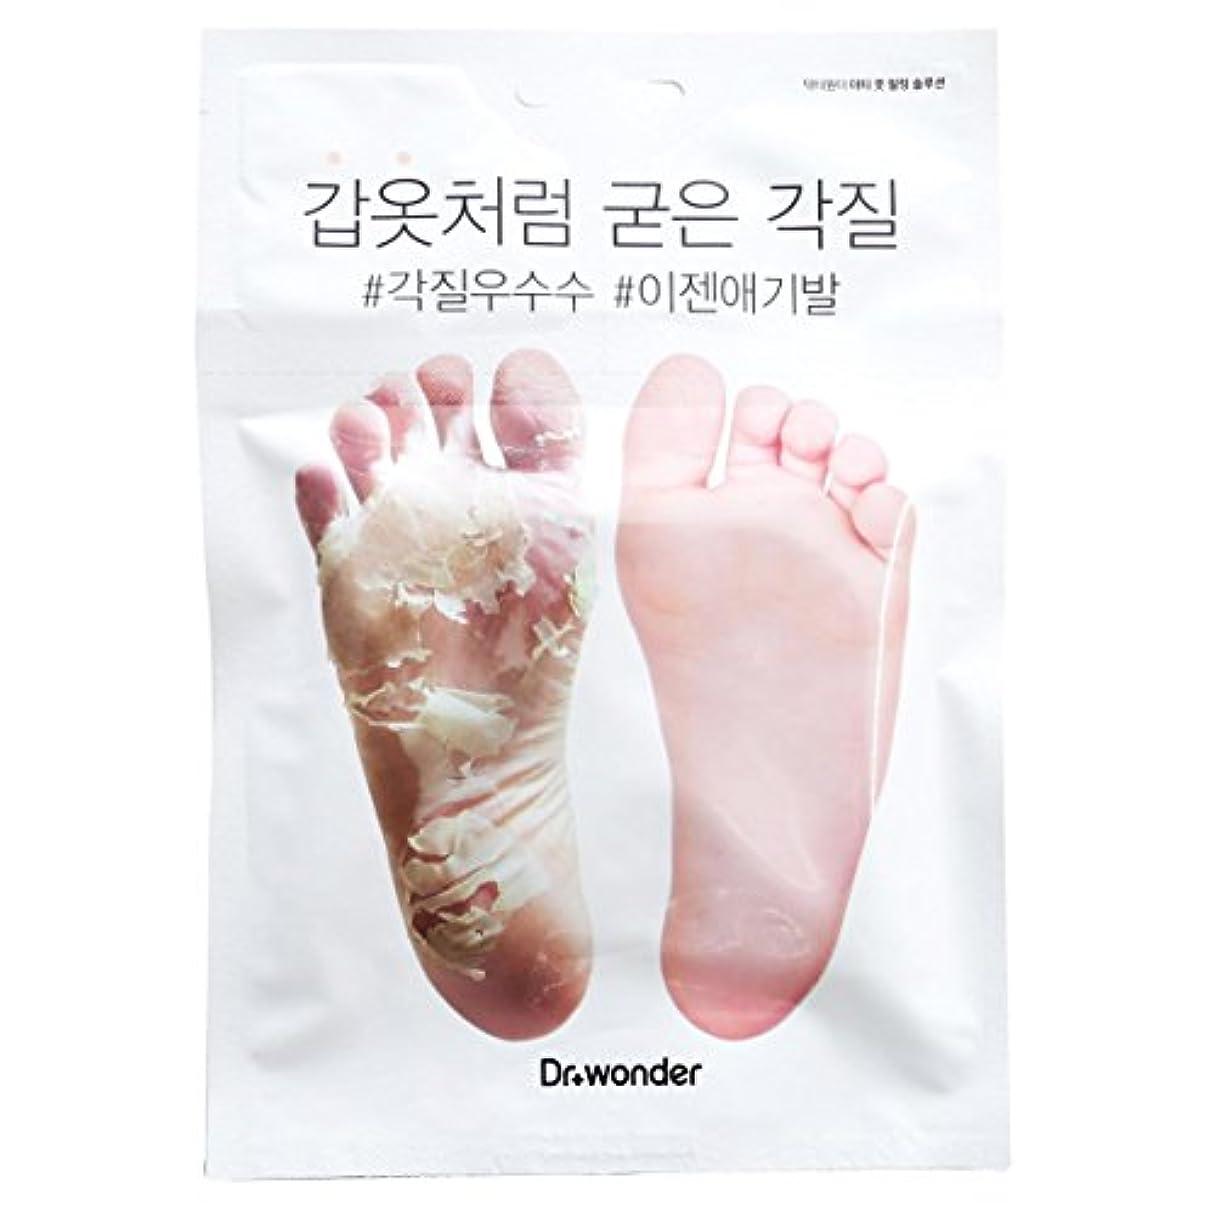 だらしないそれにもかかわらず伸ばす[ドクターワンダー/ Dr+ wonder] Good Bye, Dirty Foot! Doctor Wonder Crocodile Foot Mask Pack / ドクターワンダーワニバルペク/鎧のような硬い角質...